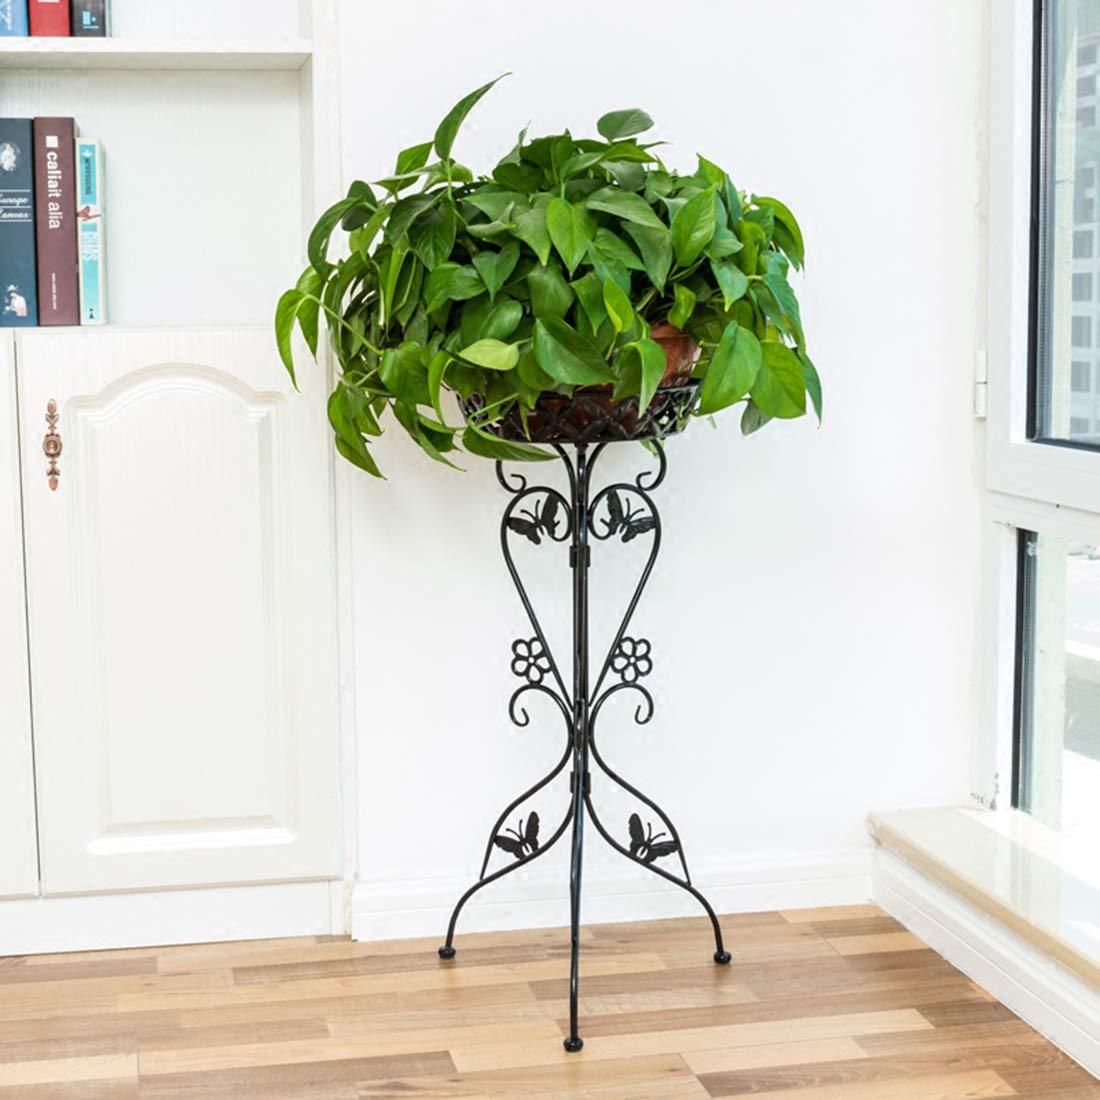 3a5956ee6d2 YAHAMA Porte Pot de Fleurs en Fer Forgé Support Pot Plantes étagère Pot   Amazon.fr  Jardin